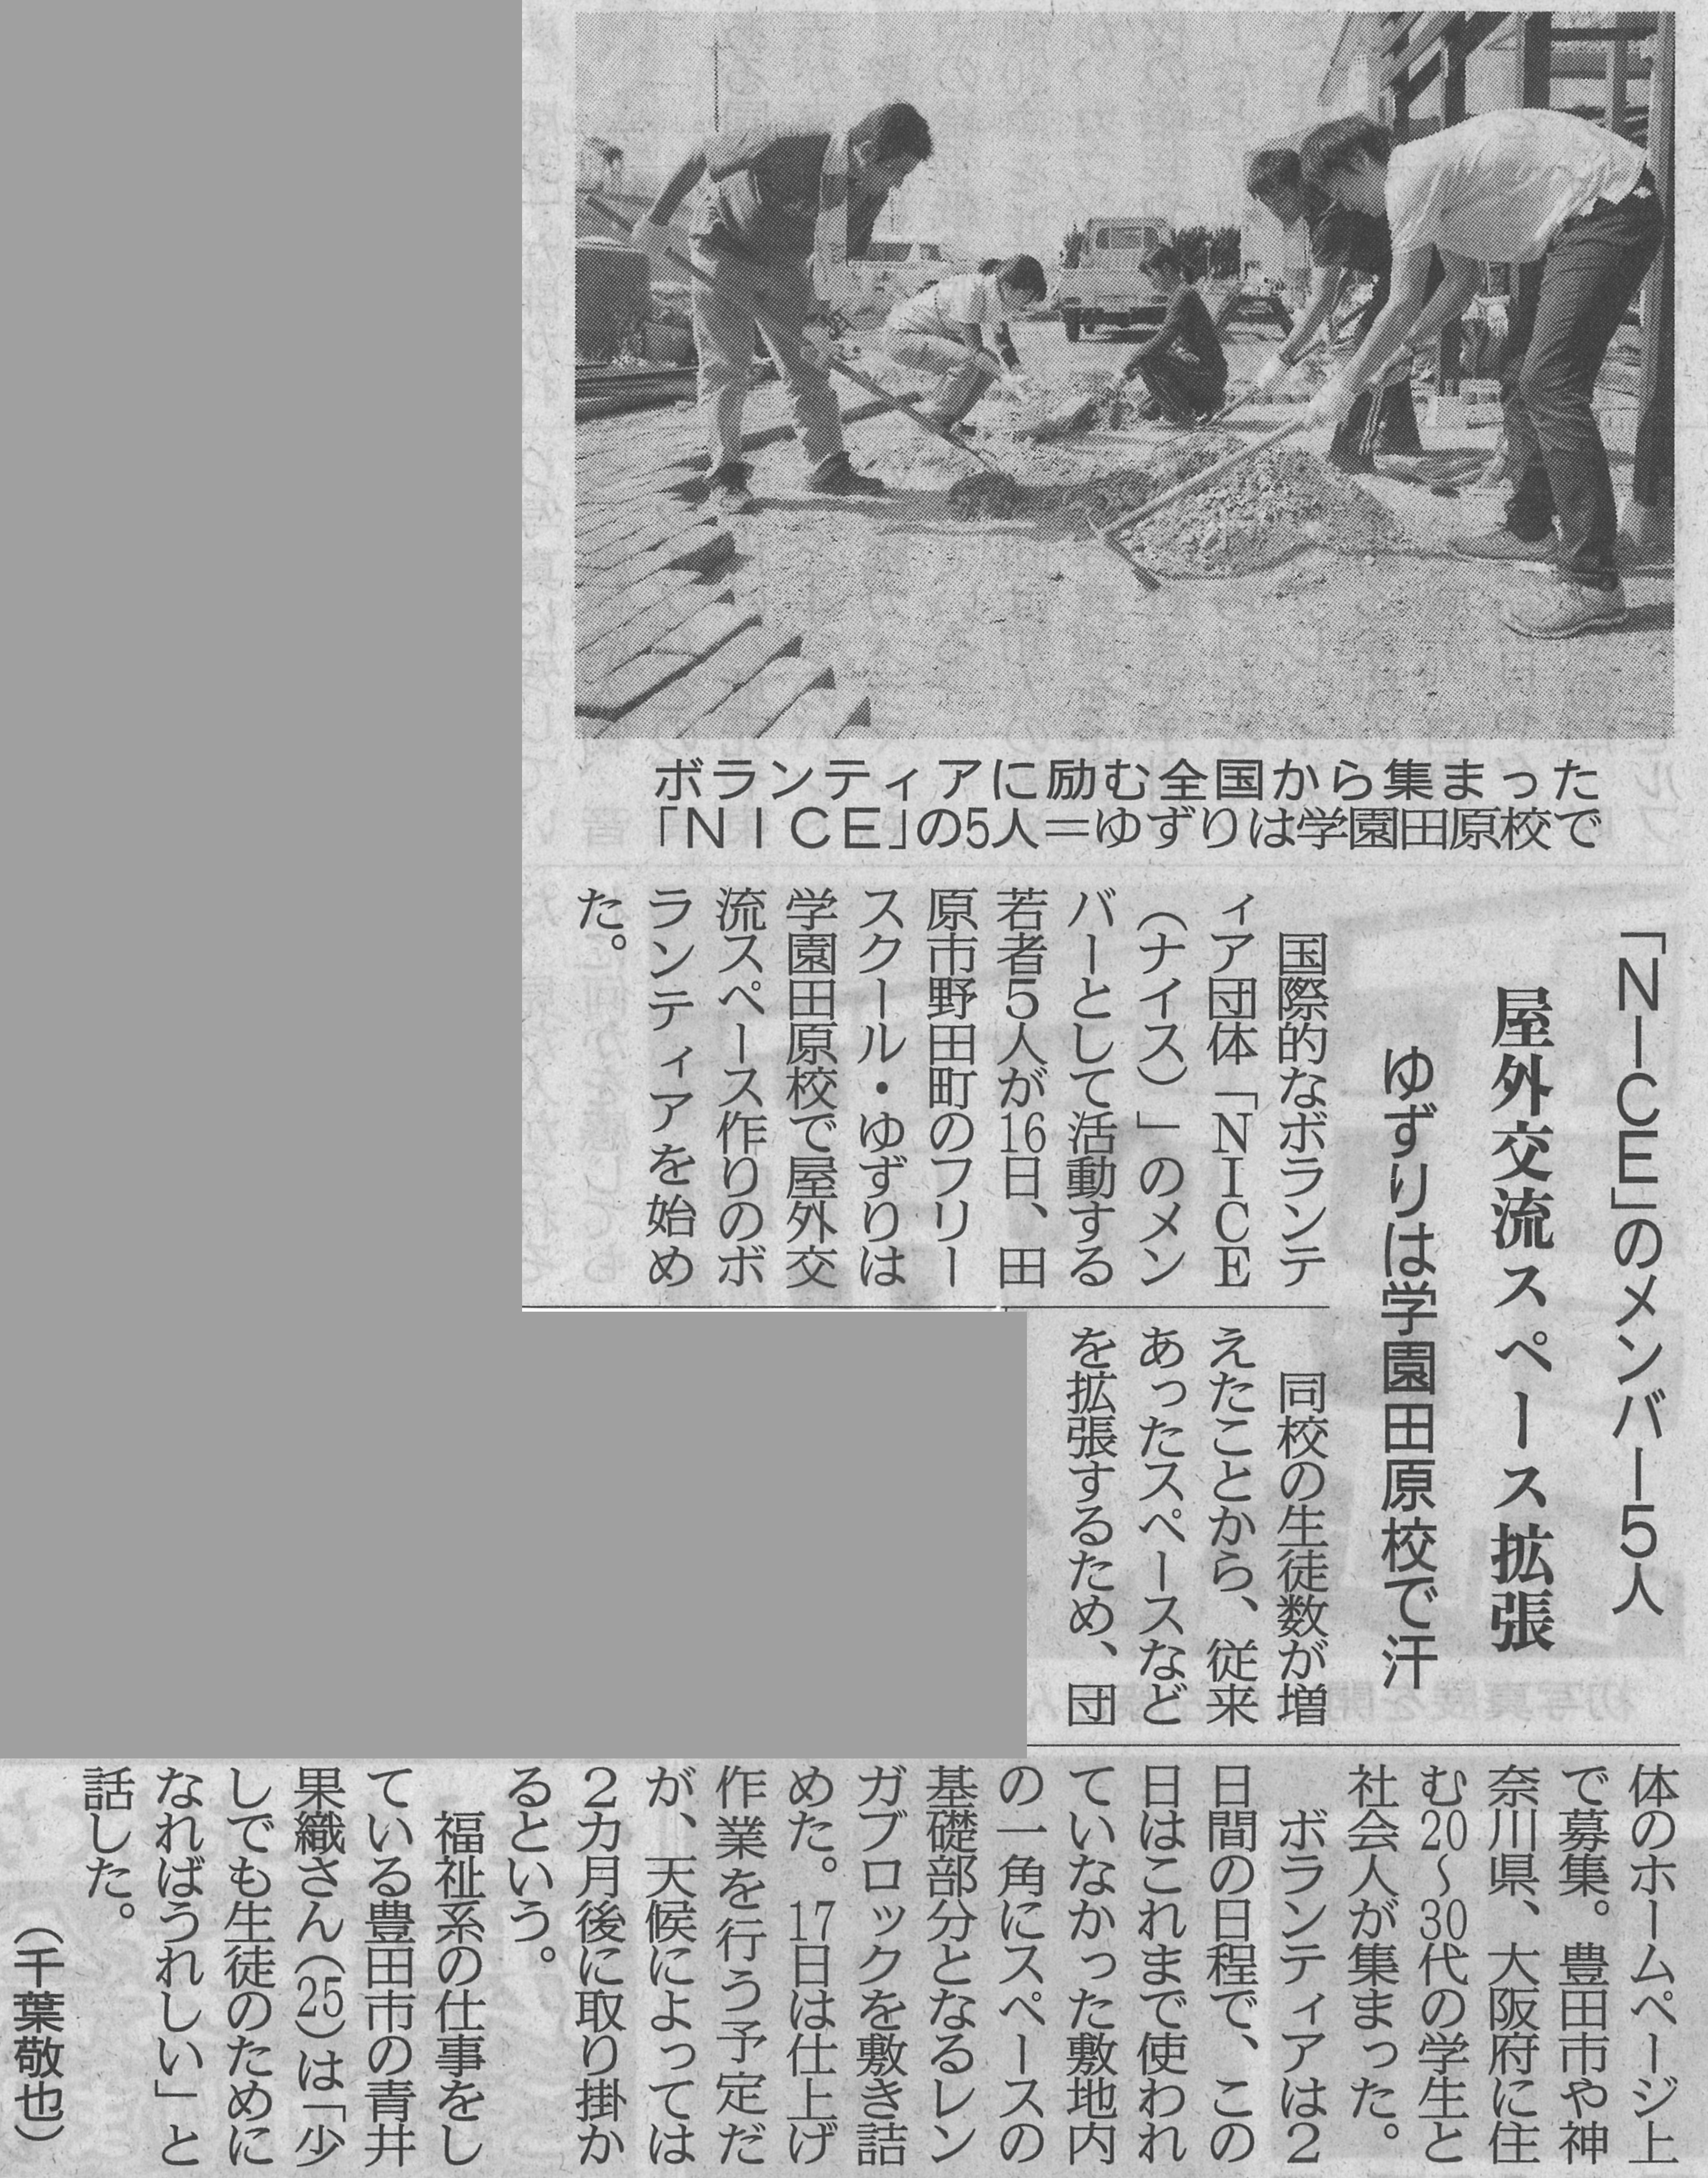 032_東愛知新聞掲載「『NICE』のメンバー5人屋外交流スペース拡張」